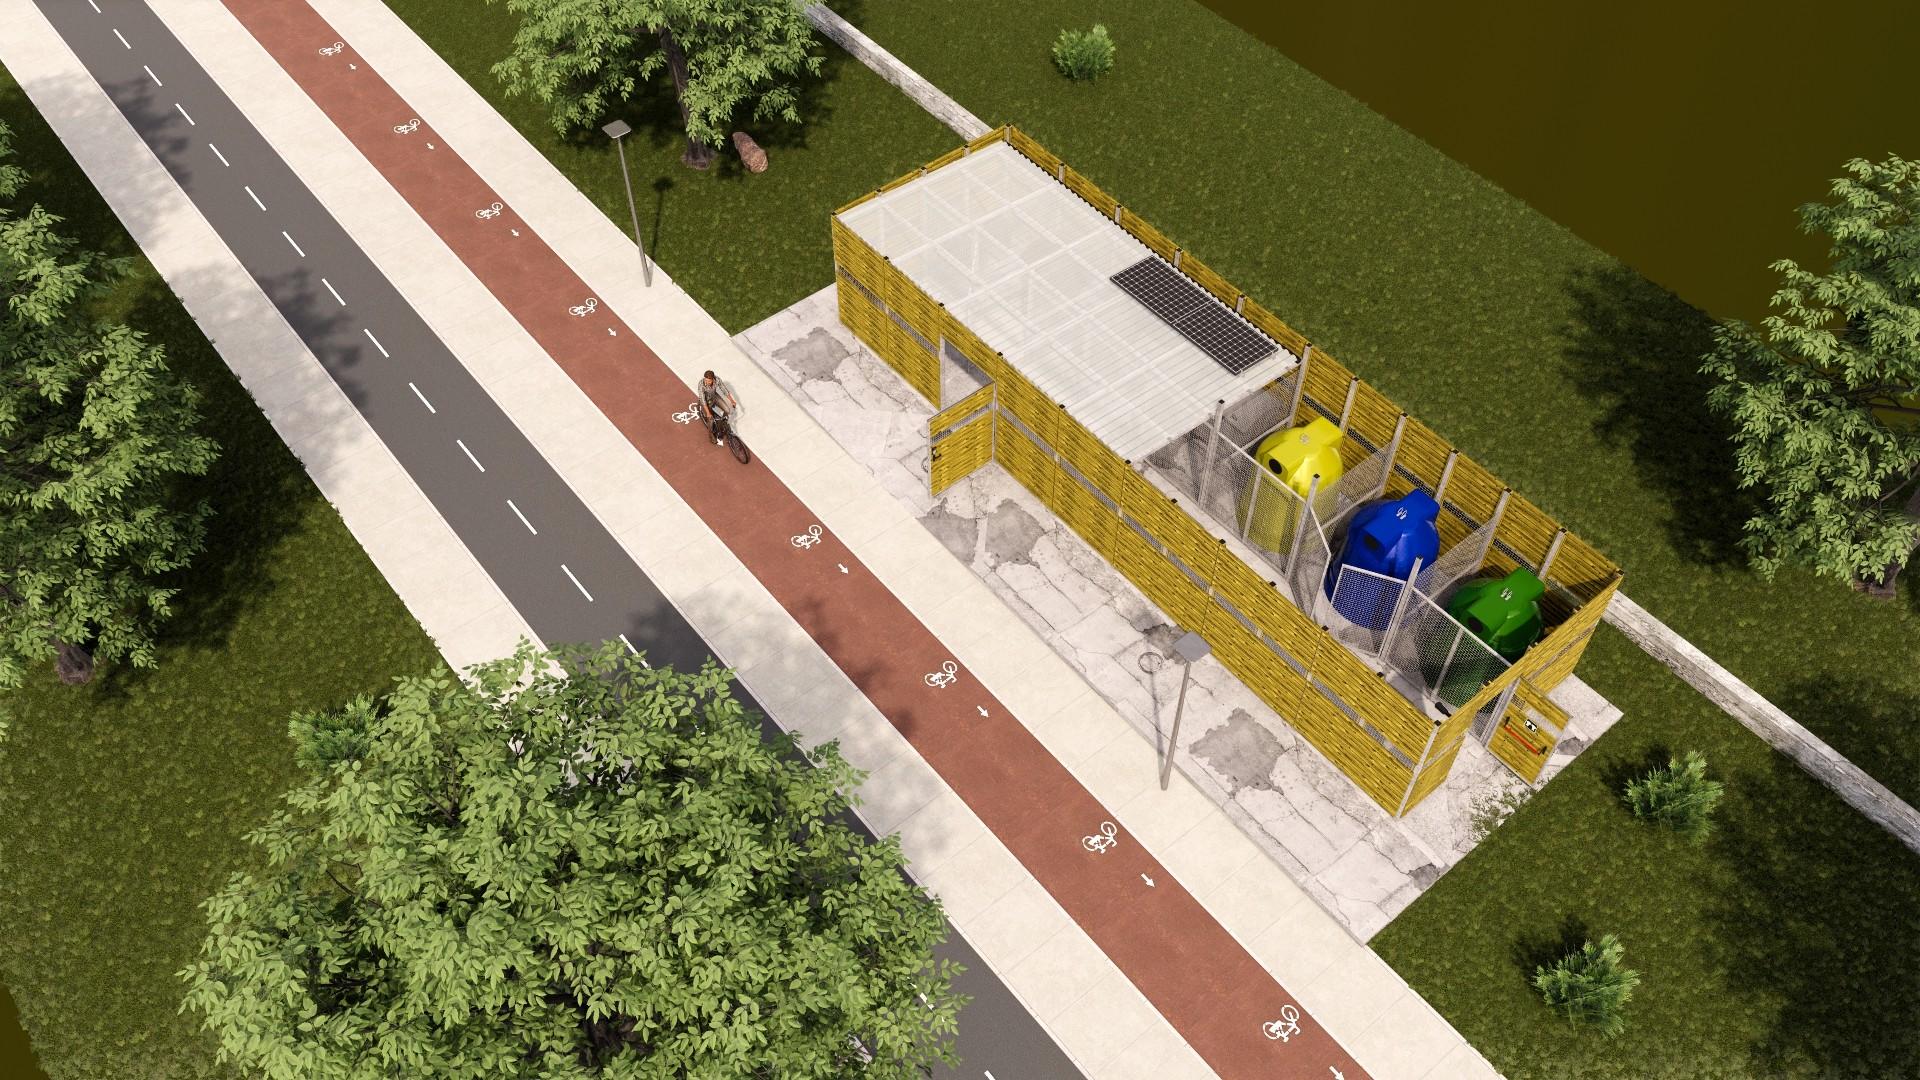 Descubre nuestro nuevo catálogo de mobiliario urbano para reciclaje